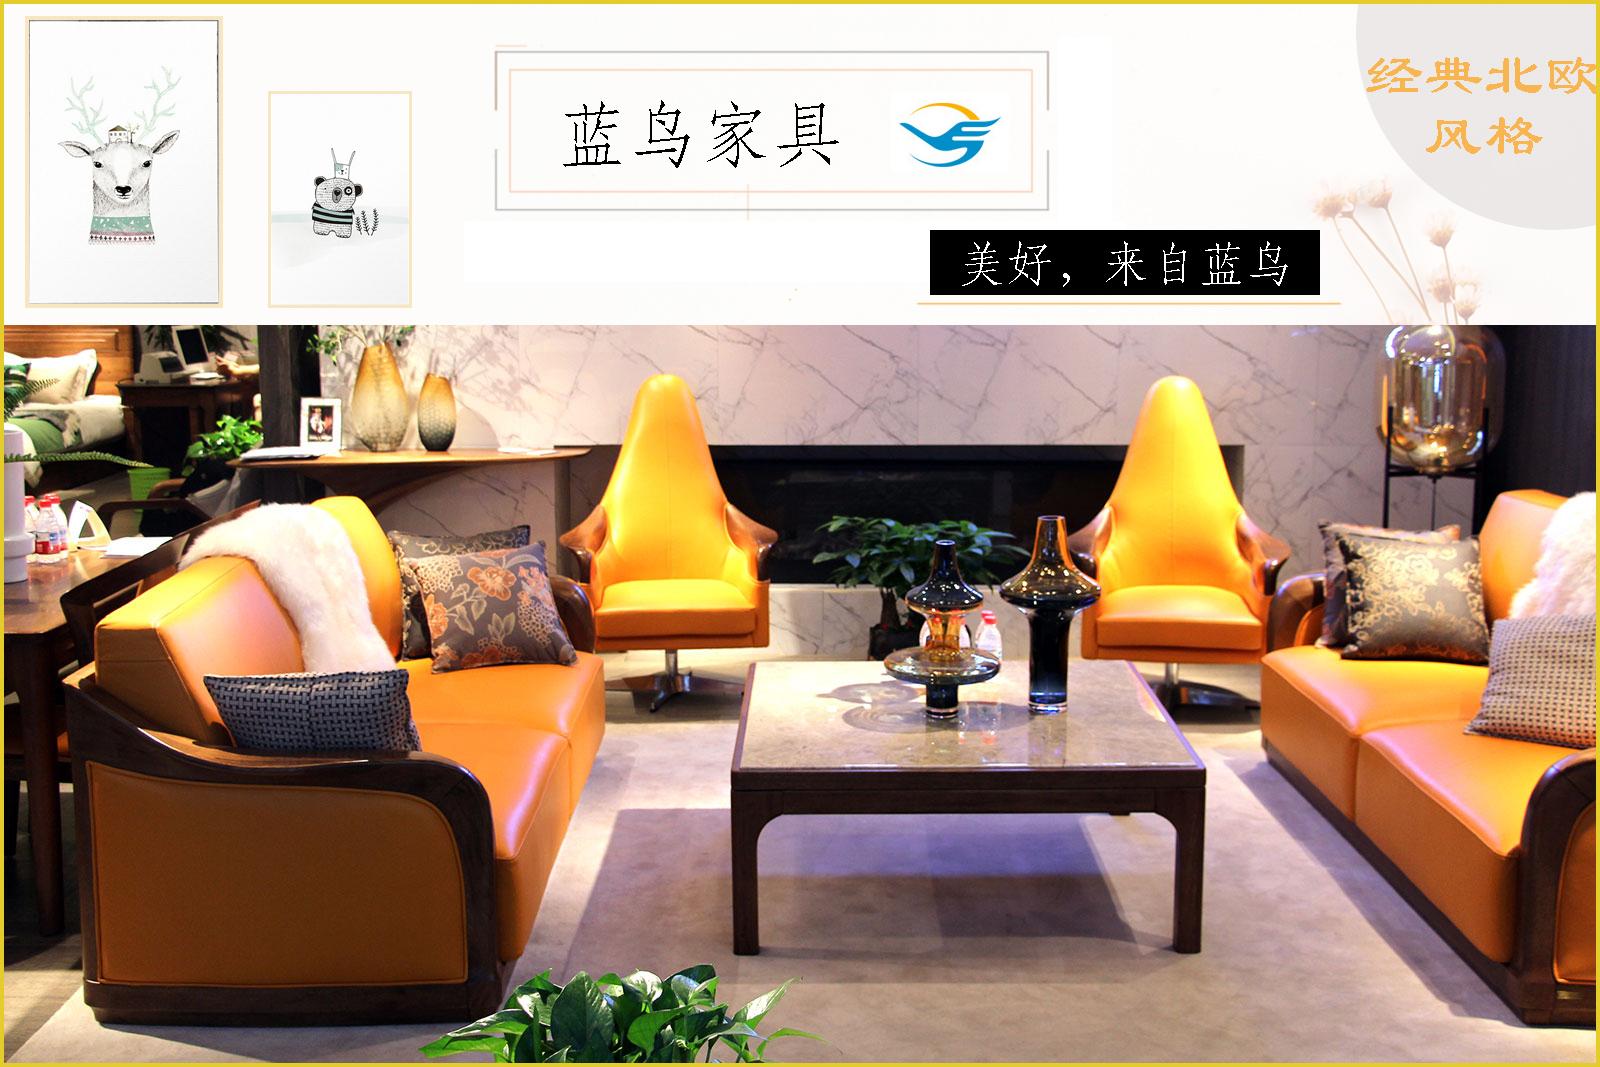 蓝鸟胡桃木北欧风格家具体验高端生活品质